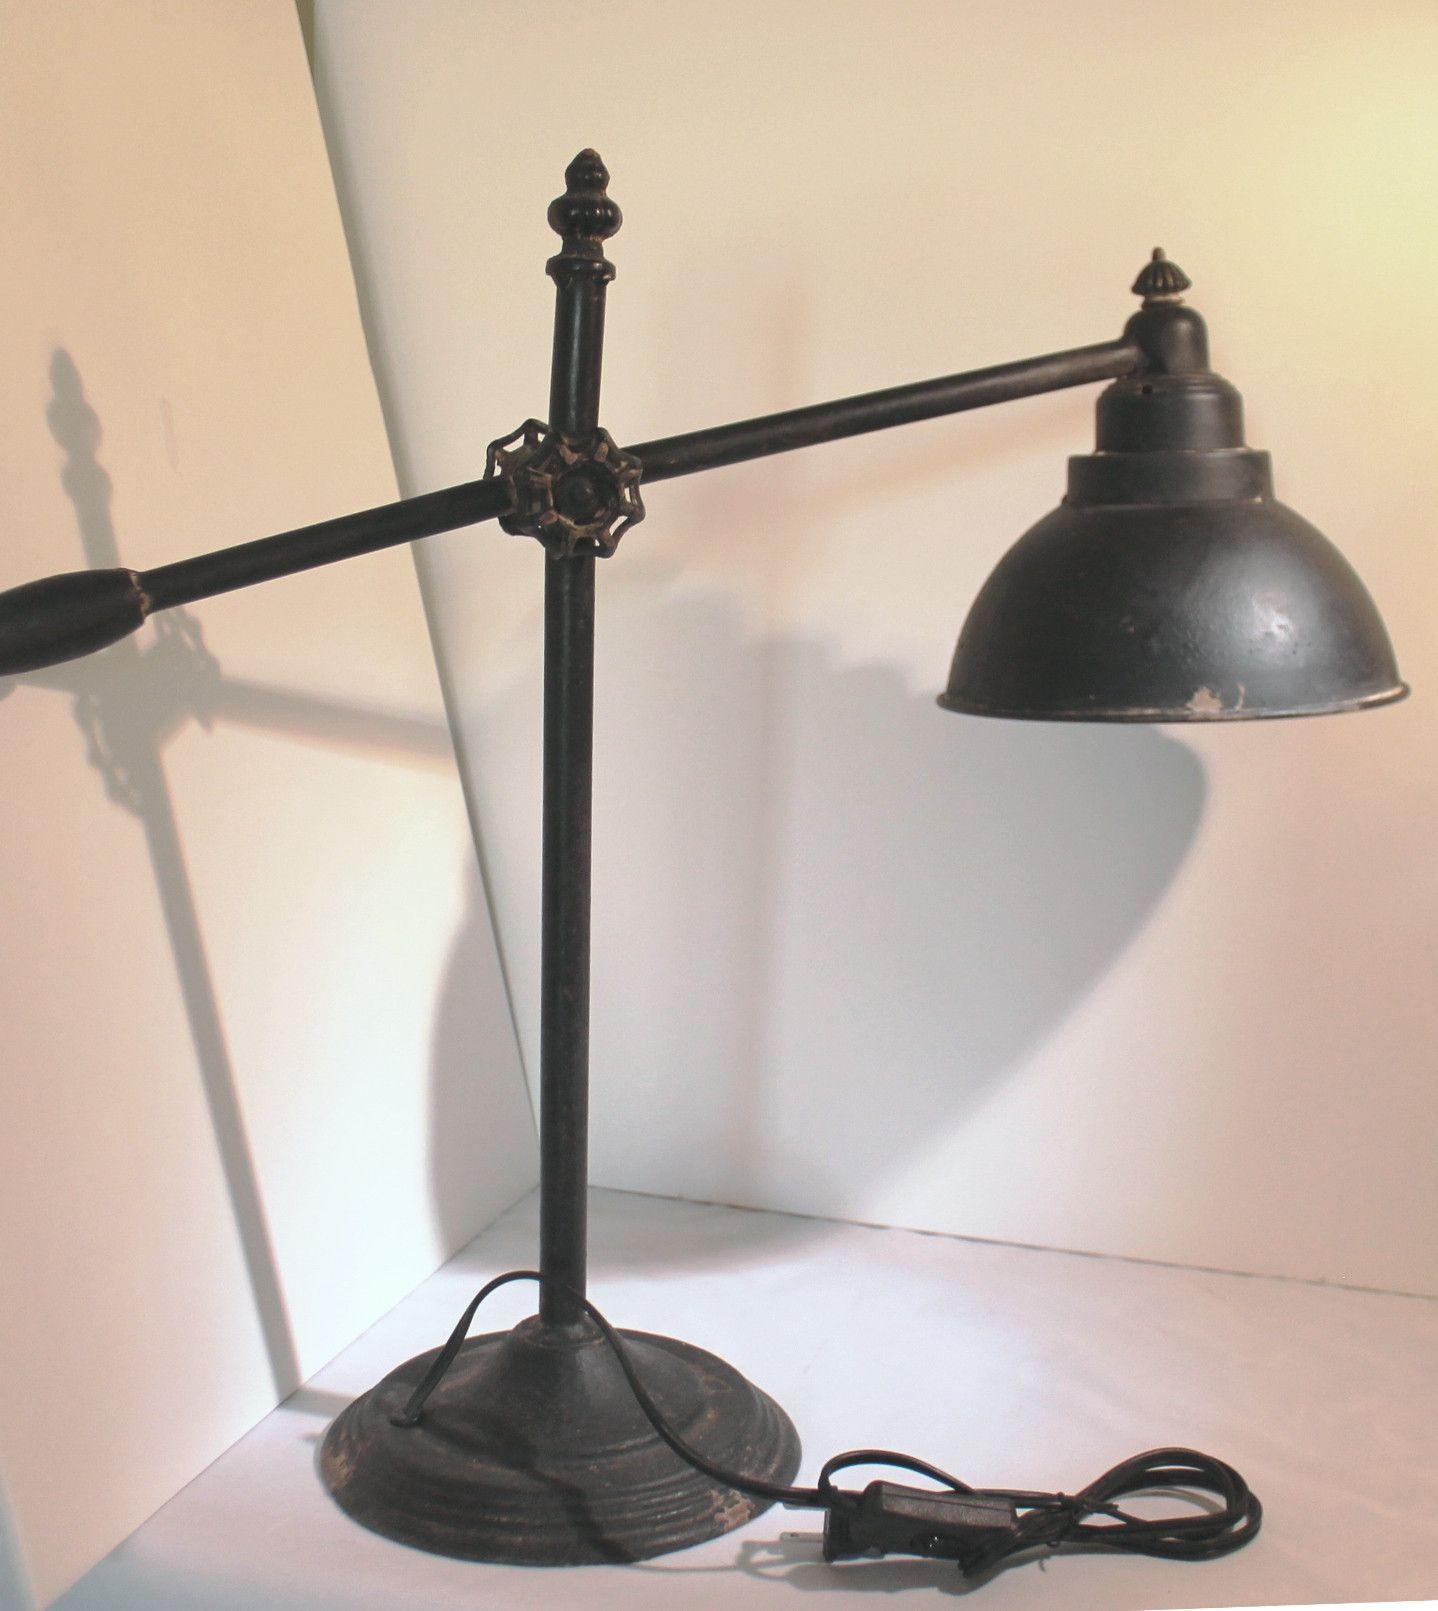 Tall rustic vintage industrial adjustable swing arm iron task table tall rustic modern vintage industrial adjustable swing arm iron task table lamp aloadofball Images